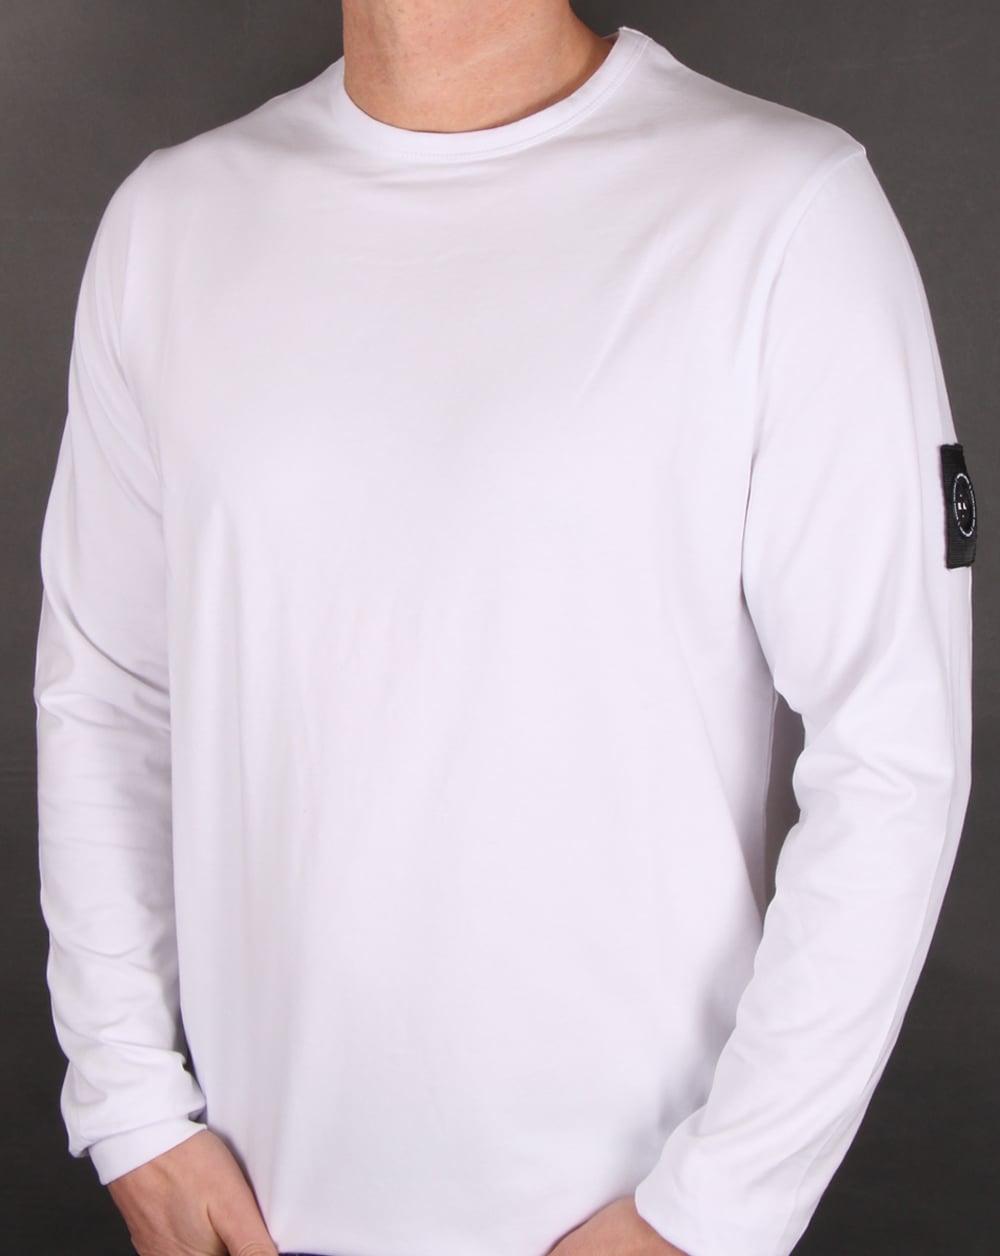 Marshall Artist Siren Long Sleeve T Shirt White, Men's, Tee